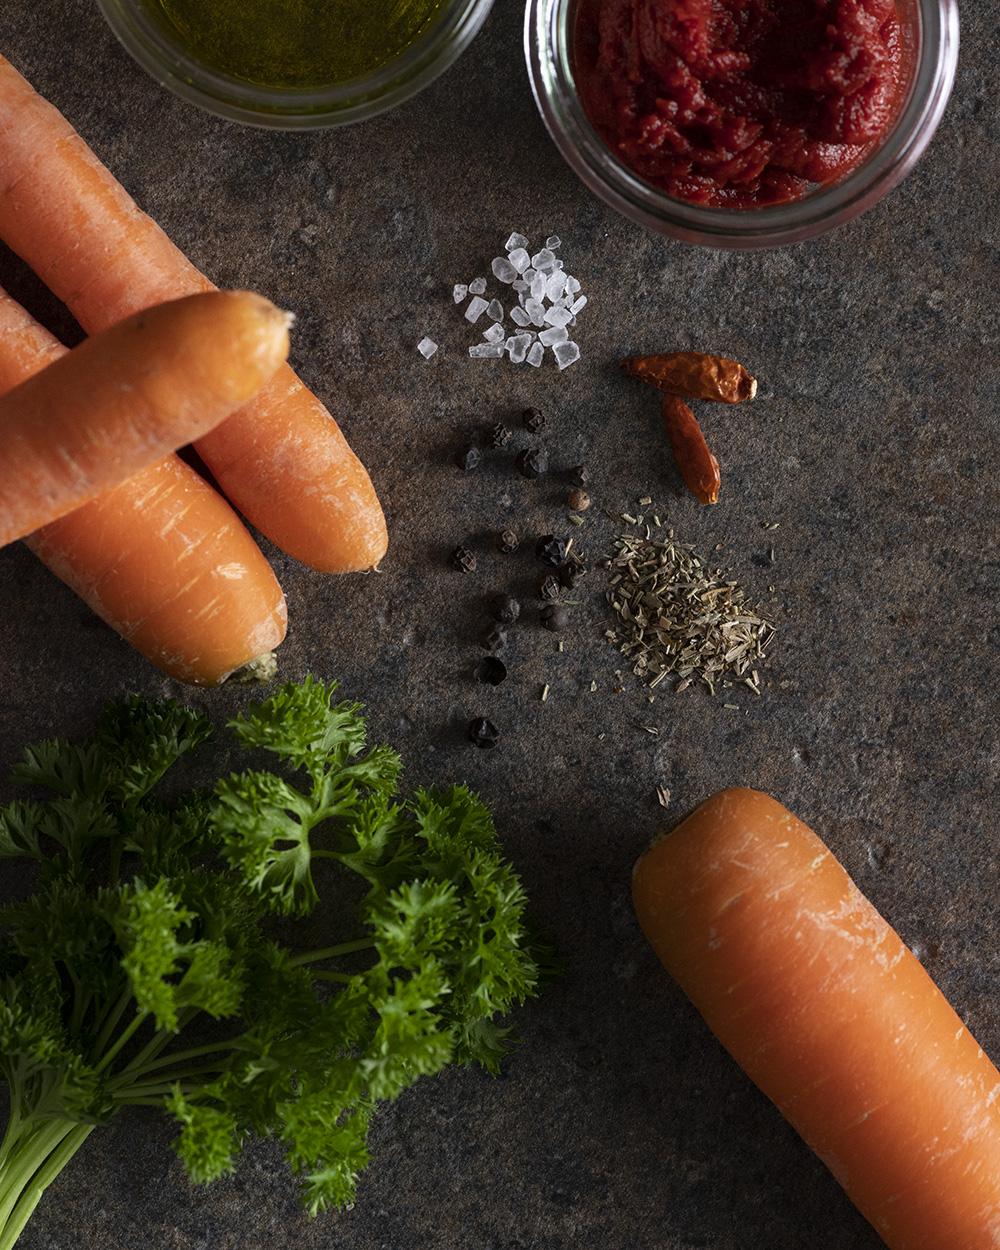 Die Zutaten für unseren Möhren-Dip: Möhren, Tomatenmark, Gewürze, Öl und Petersilie